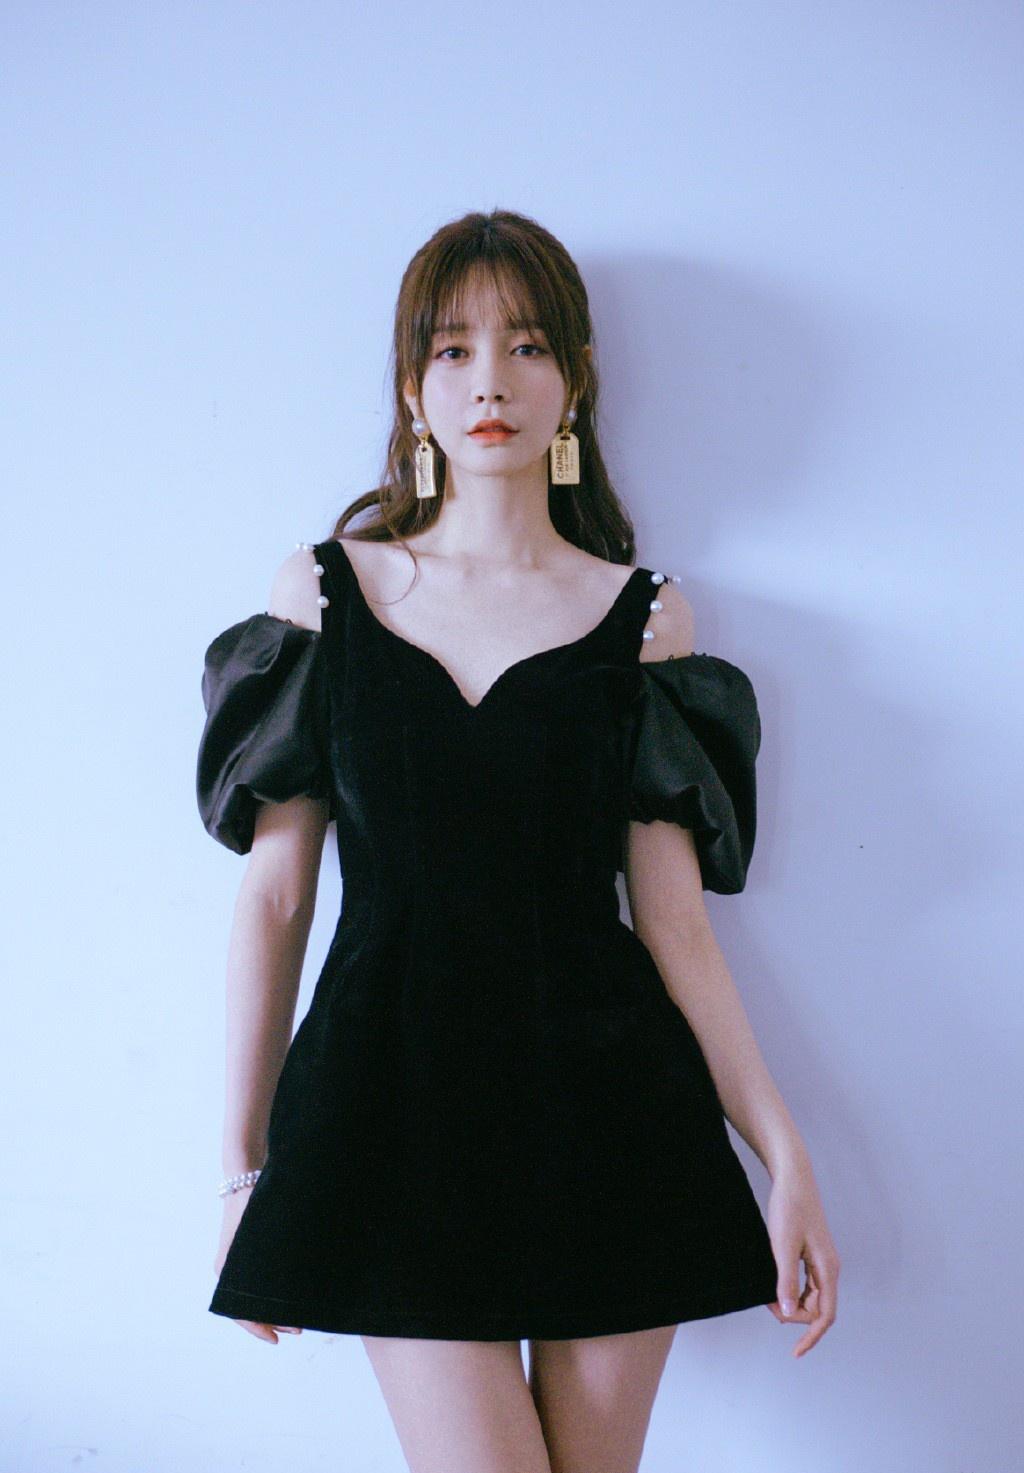 沈梦辰越来越精致了,黑色丝绒裙穿成小公主,坐沙发上美腿成焦点